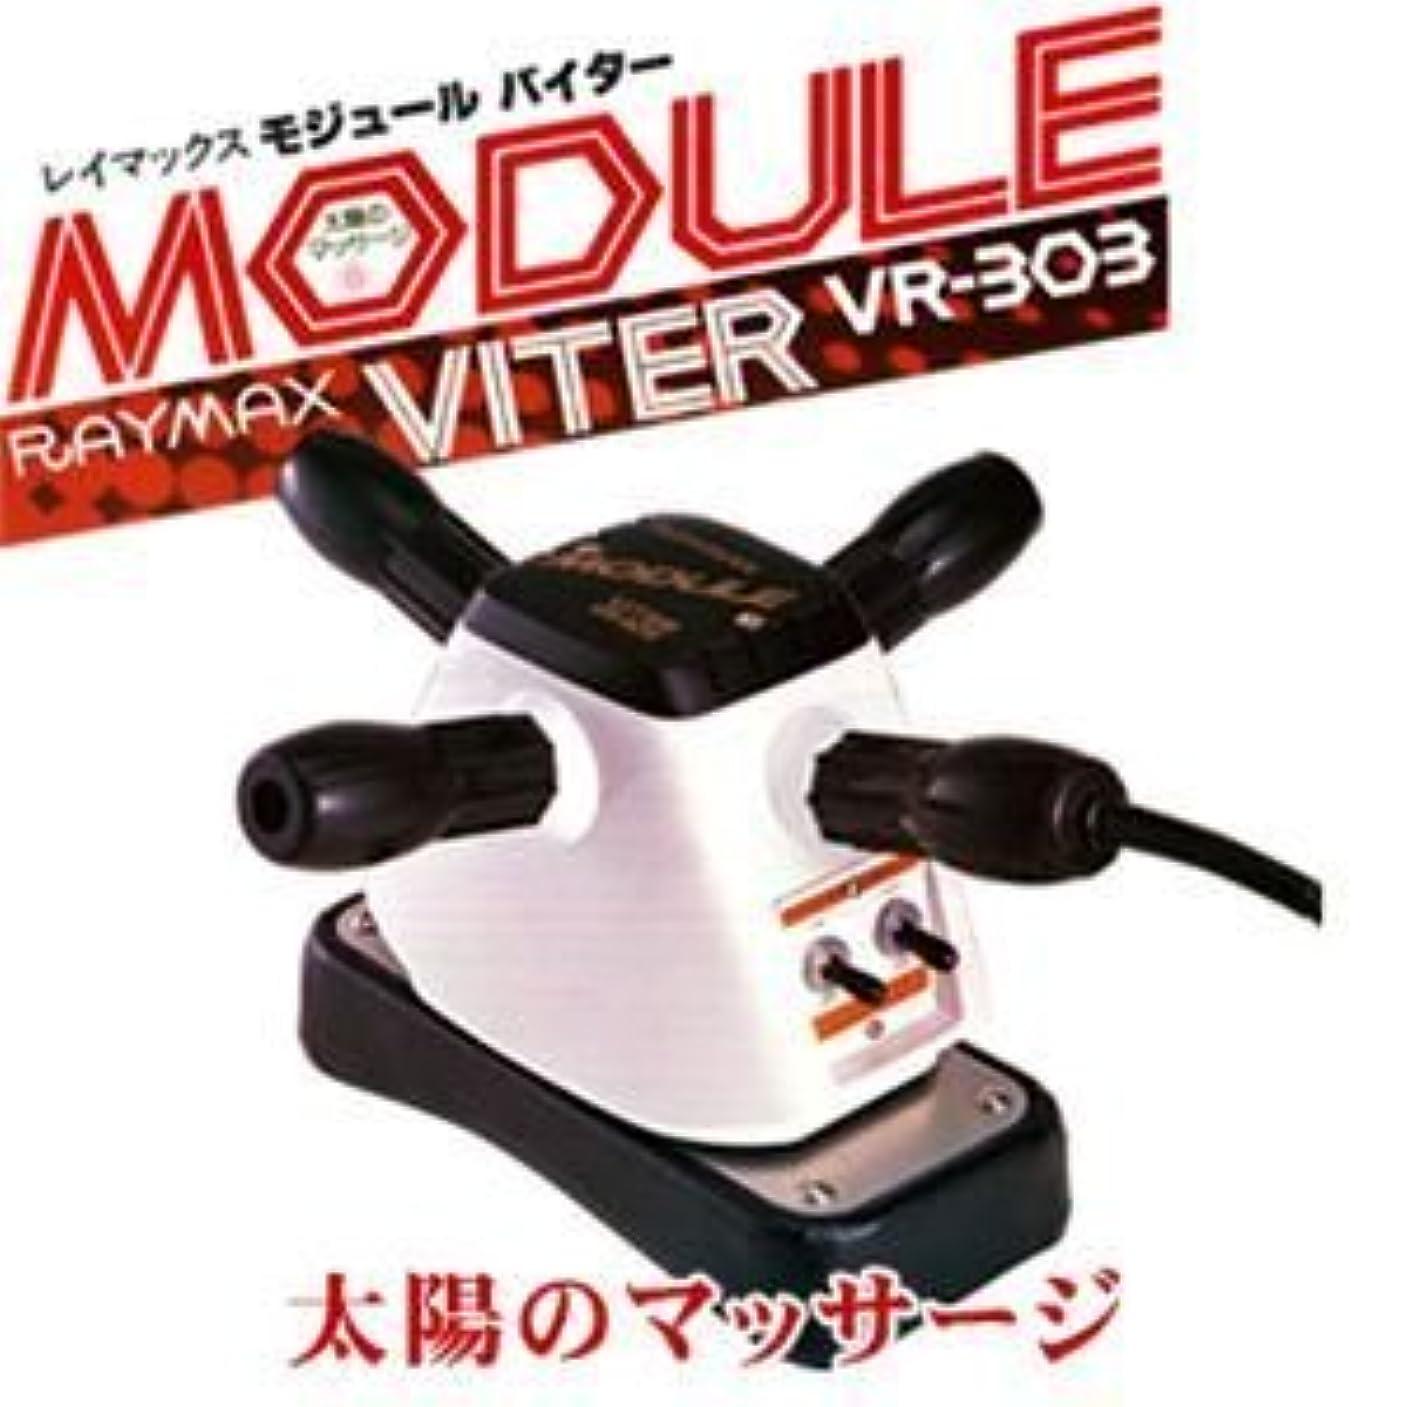 ポンプ乱れ主婦RAYMAX(レイマックス) モジュールバイター VR-303